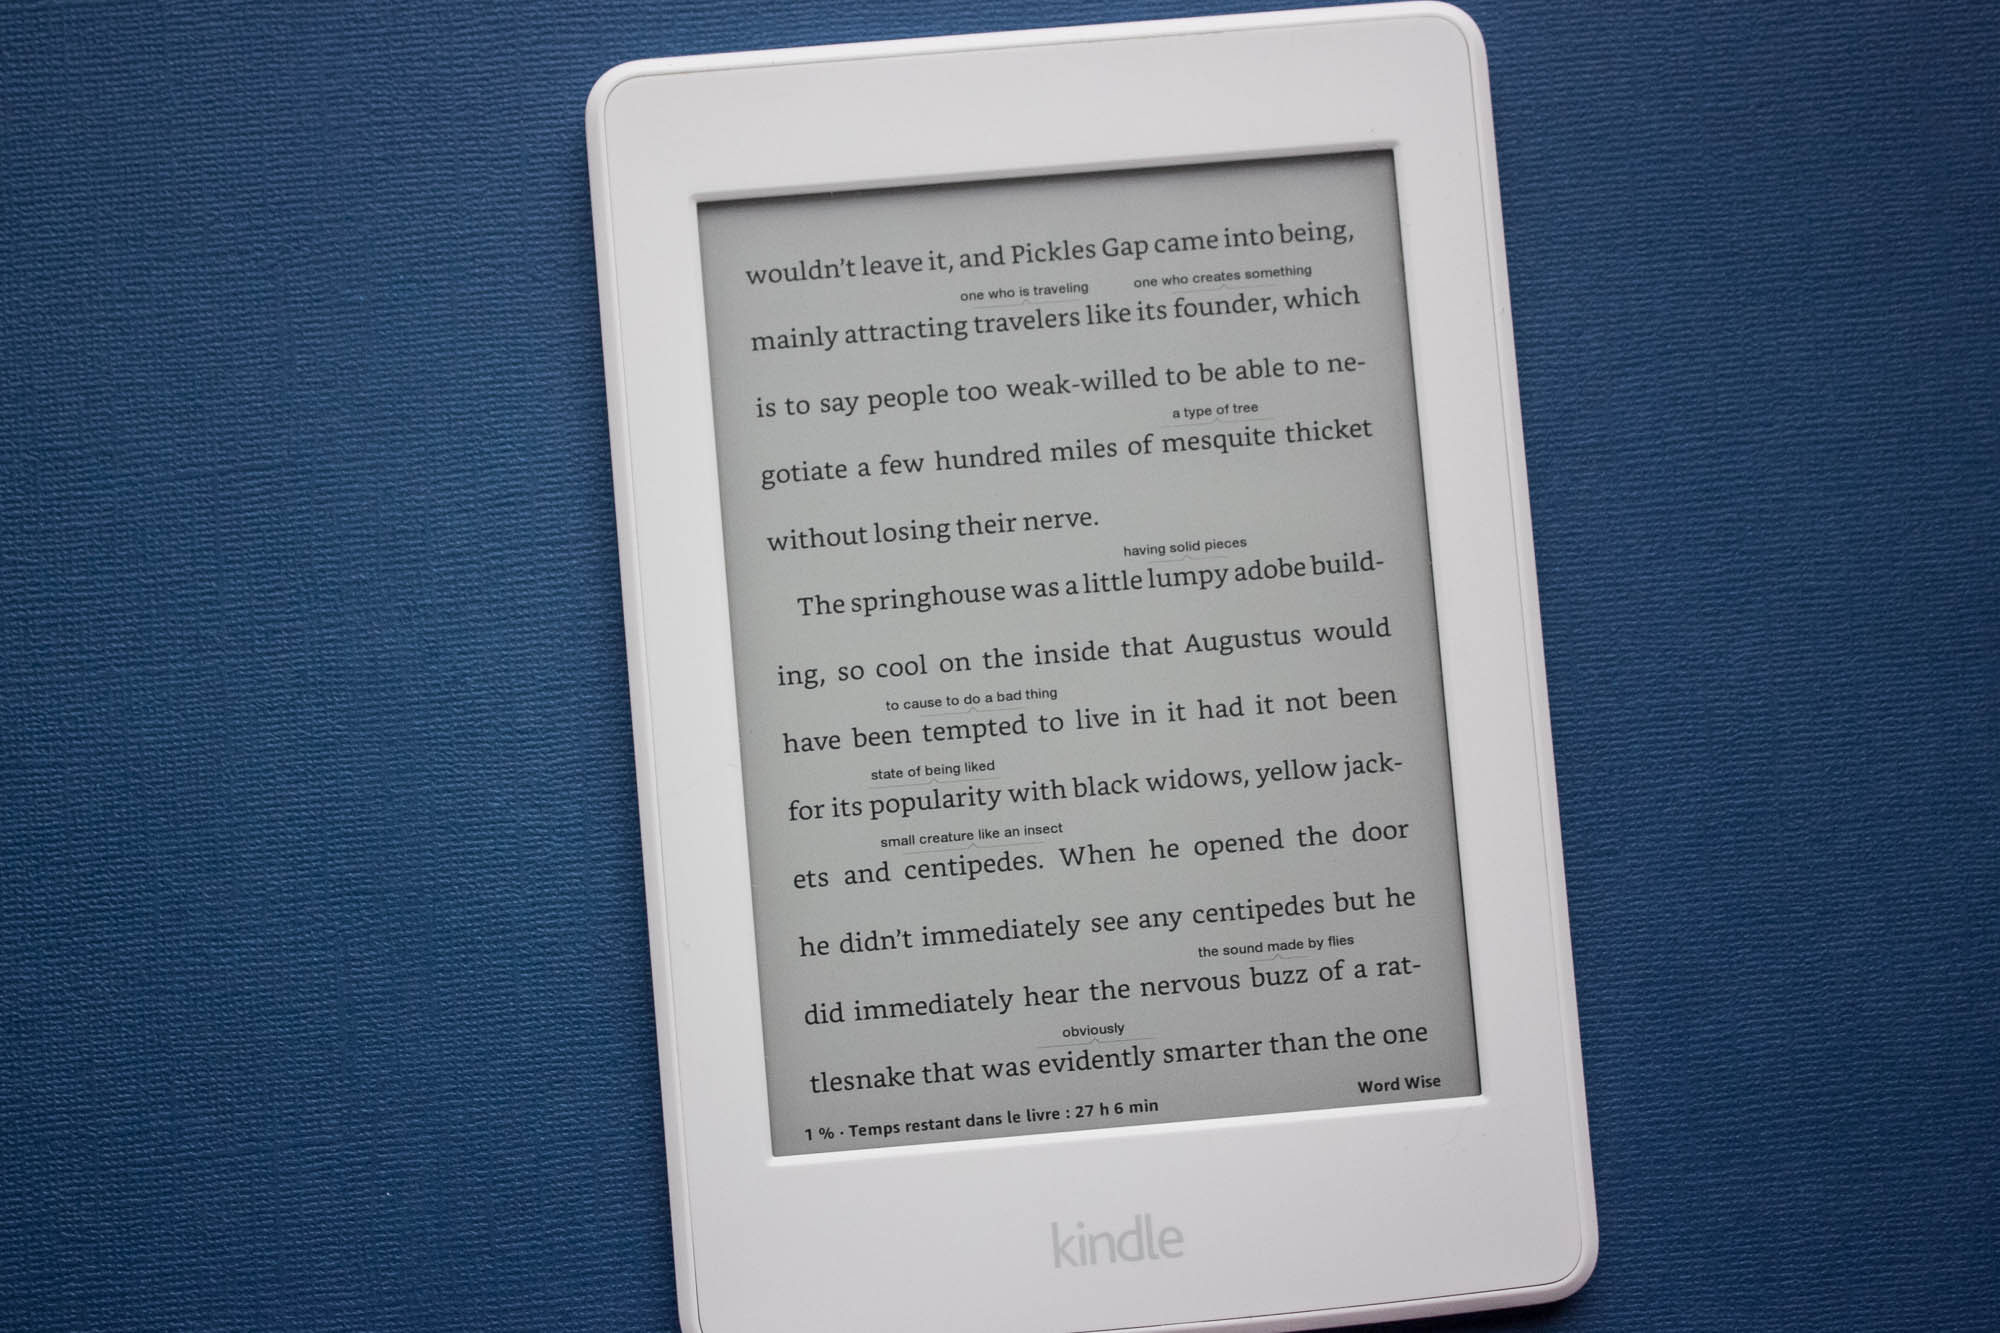 J'essaie d'améliorer mon anglais avec Kindle WordWise